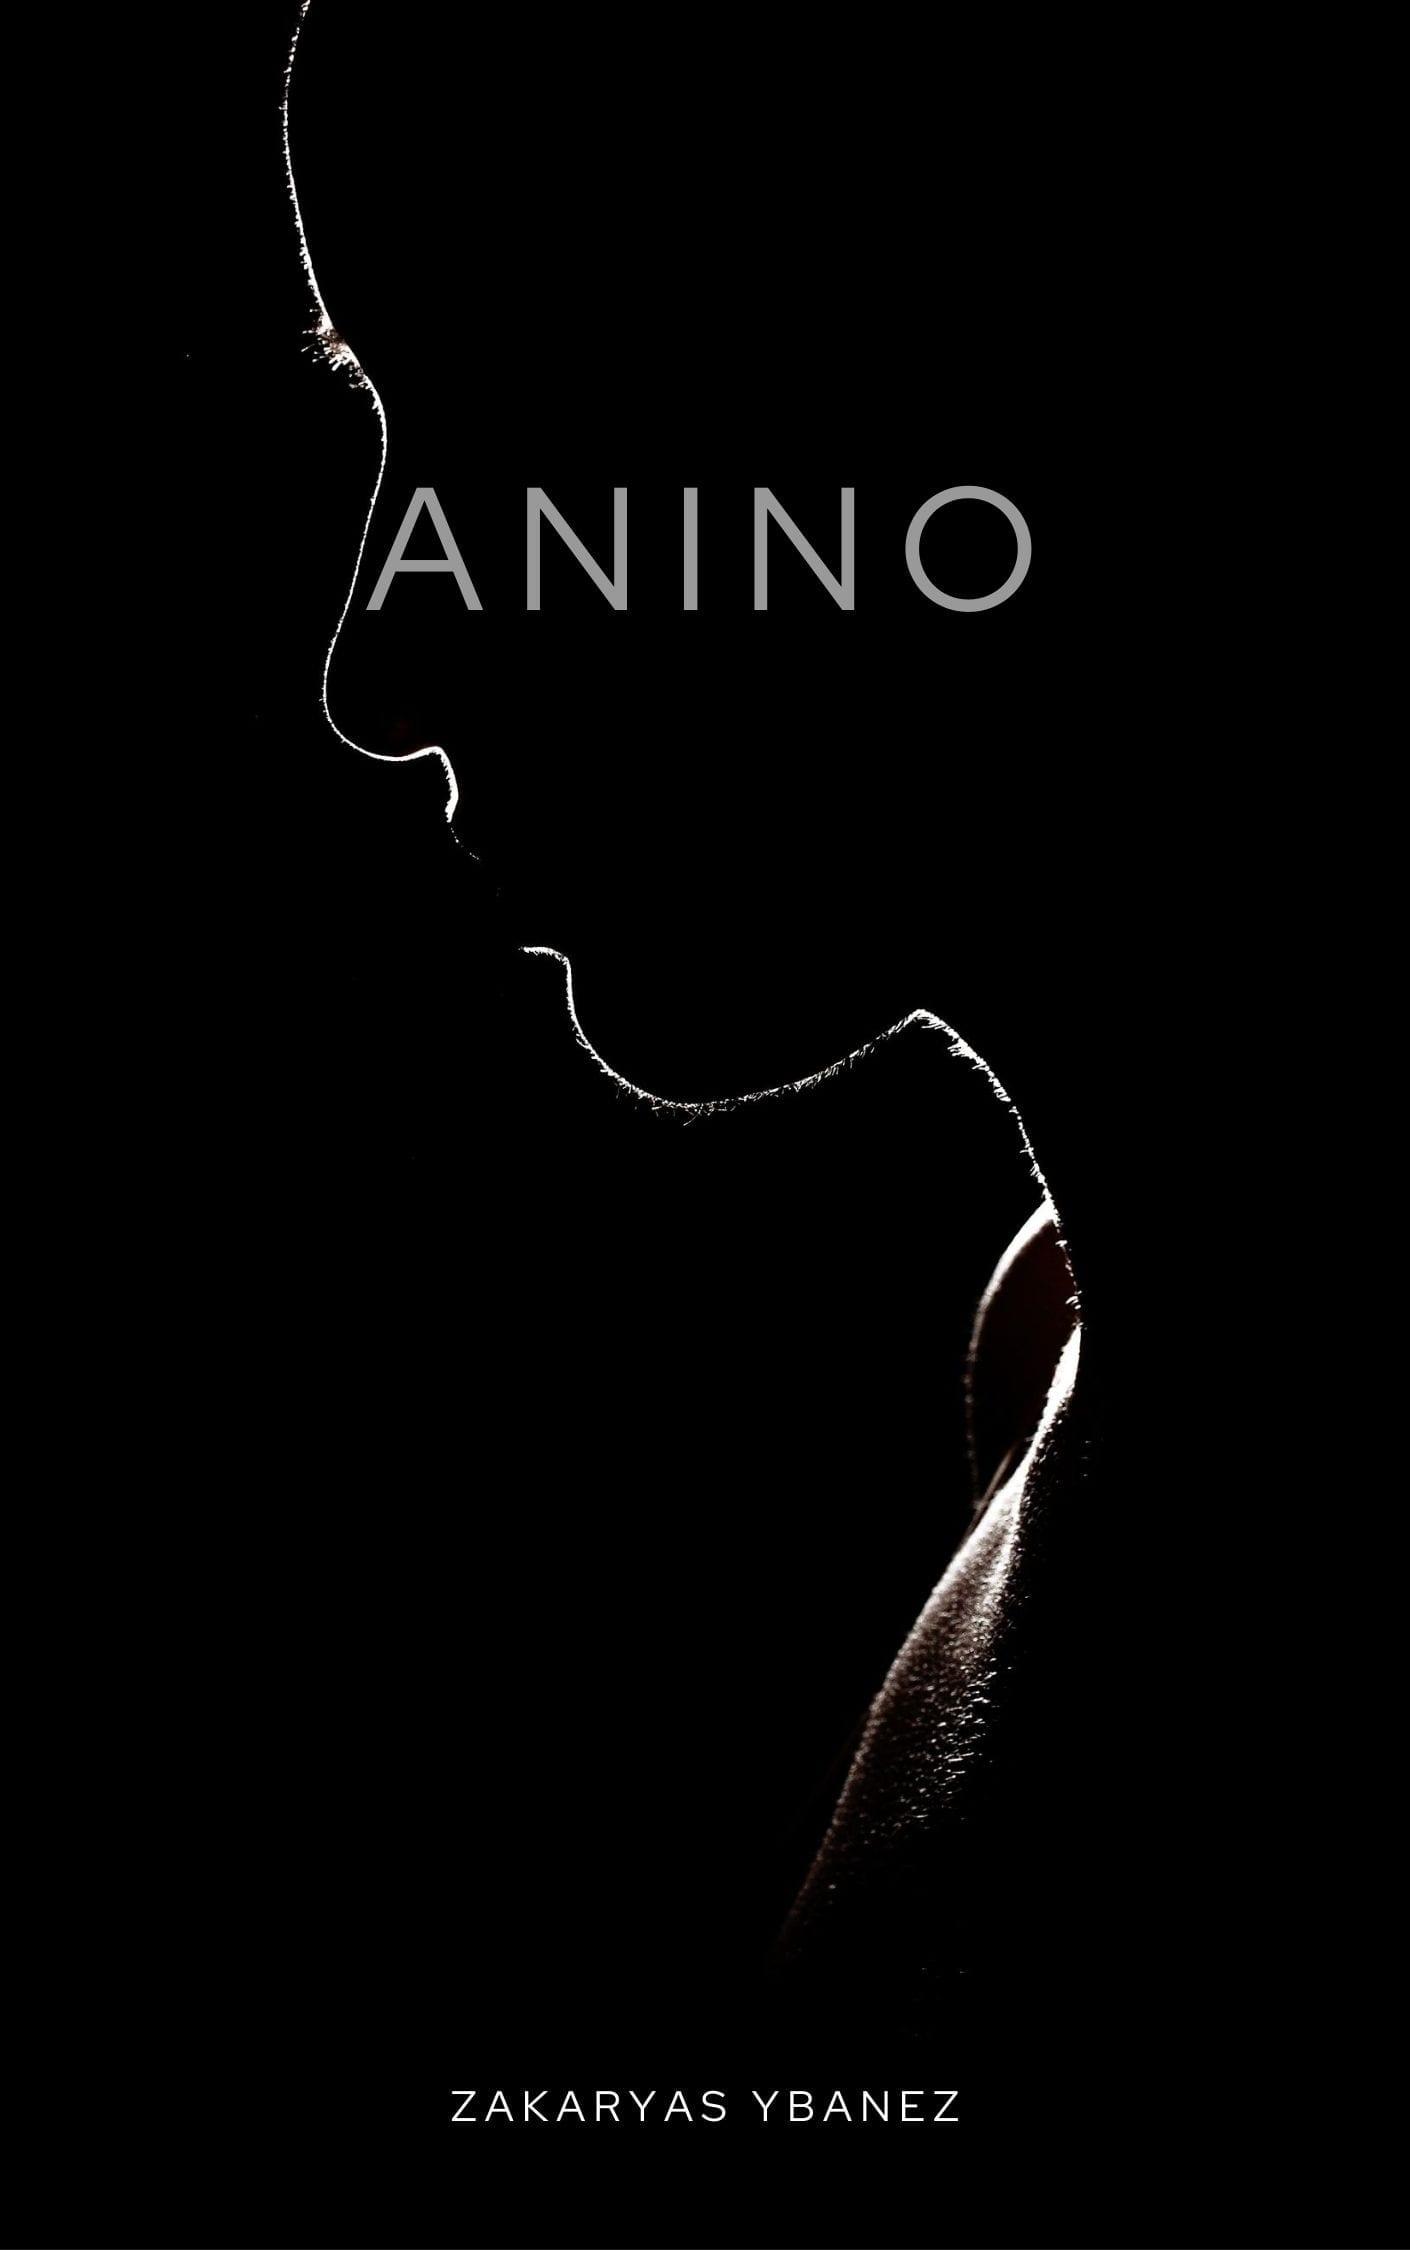 ANINO